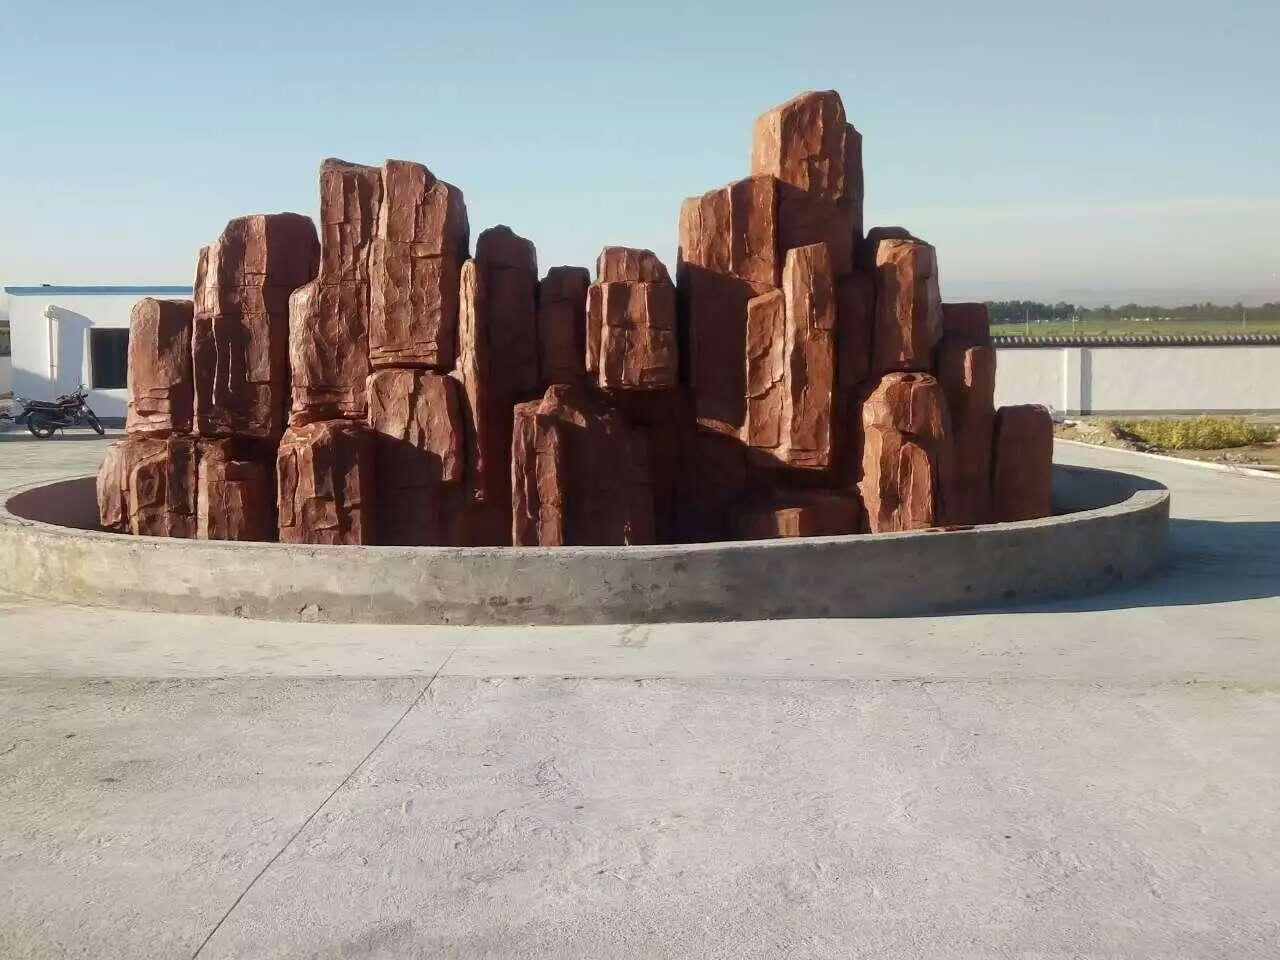 石缘景观与锡林浩特合作雕塑艺术假山案例